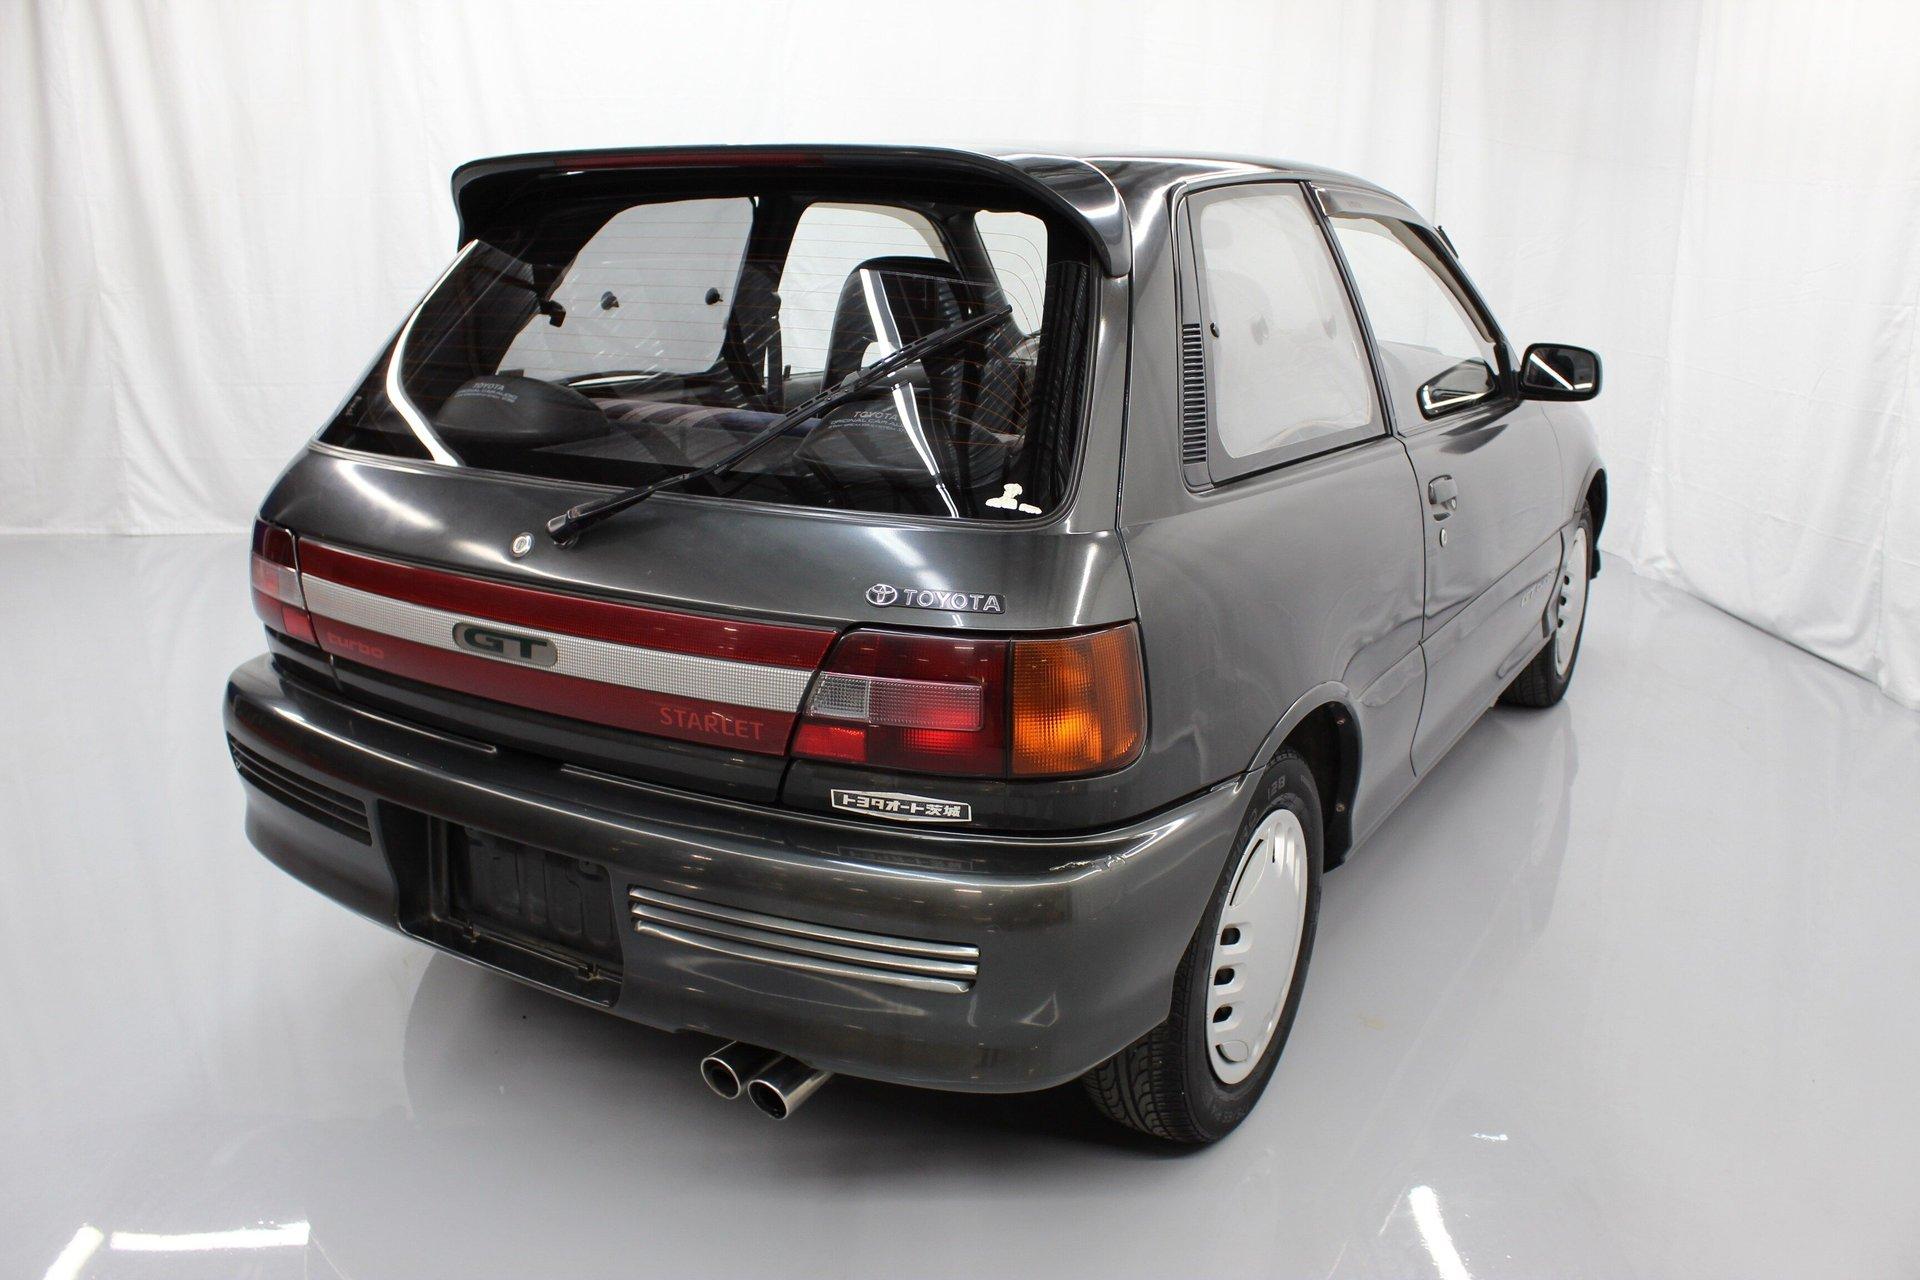 1991 Toyota Starlet